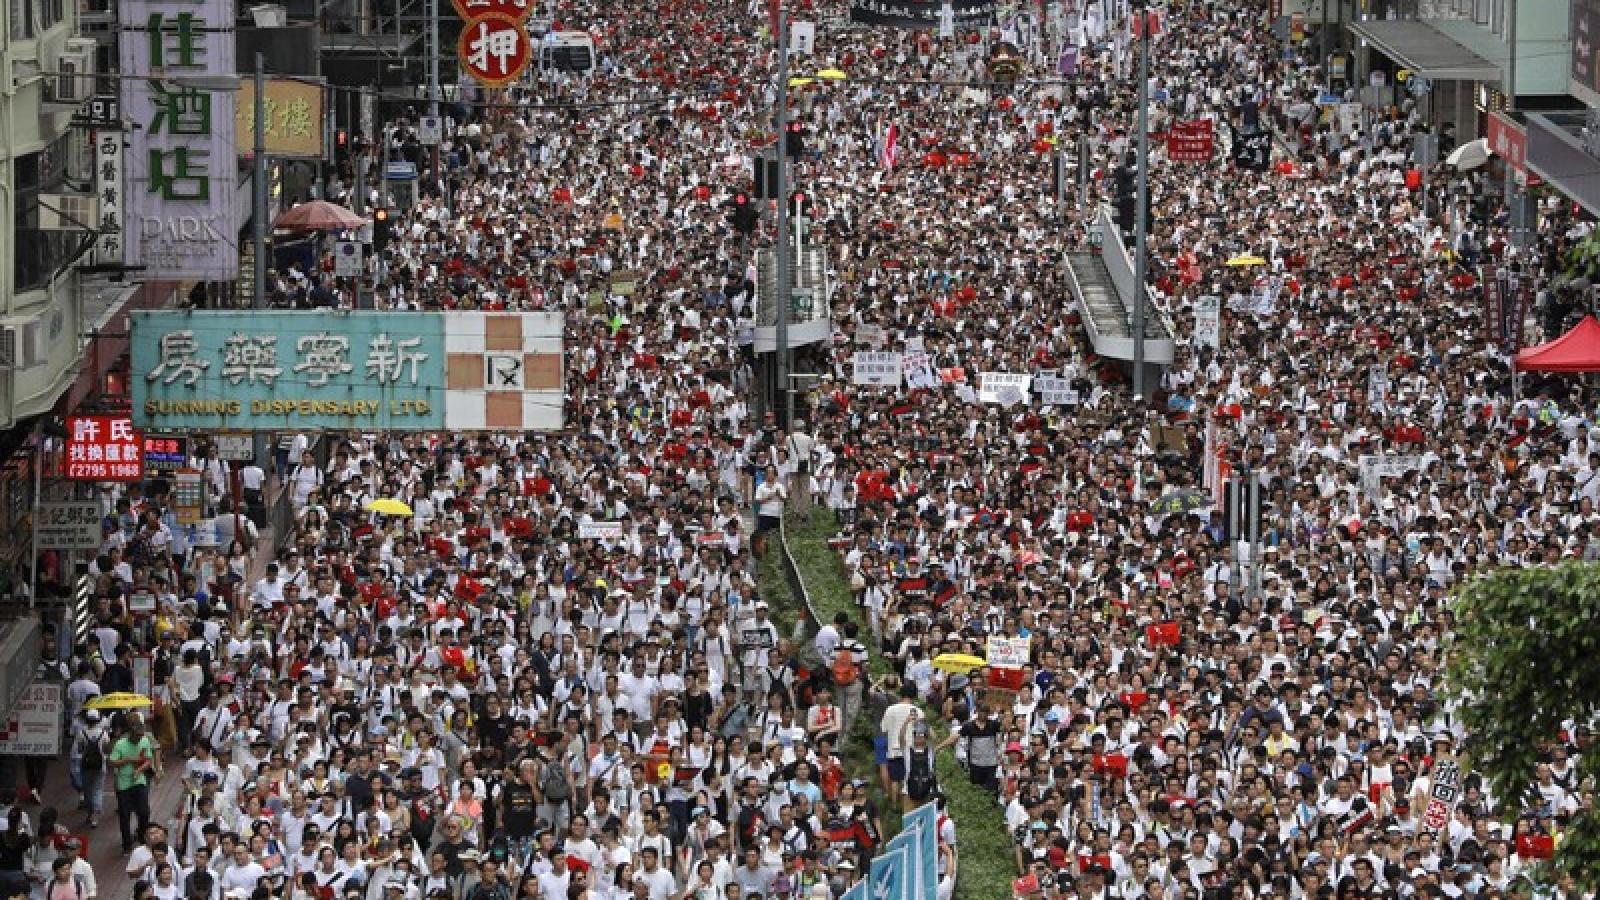 Hong Kong (Trung Quốc) bắt hơn 10.000 người biểu tình phản đối dự luật dẫn độ